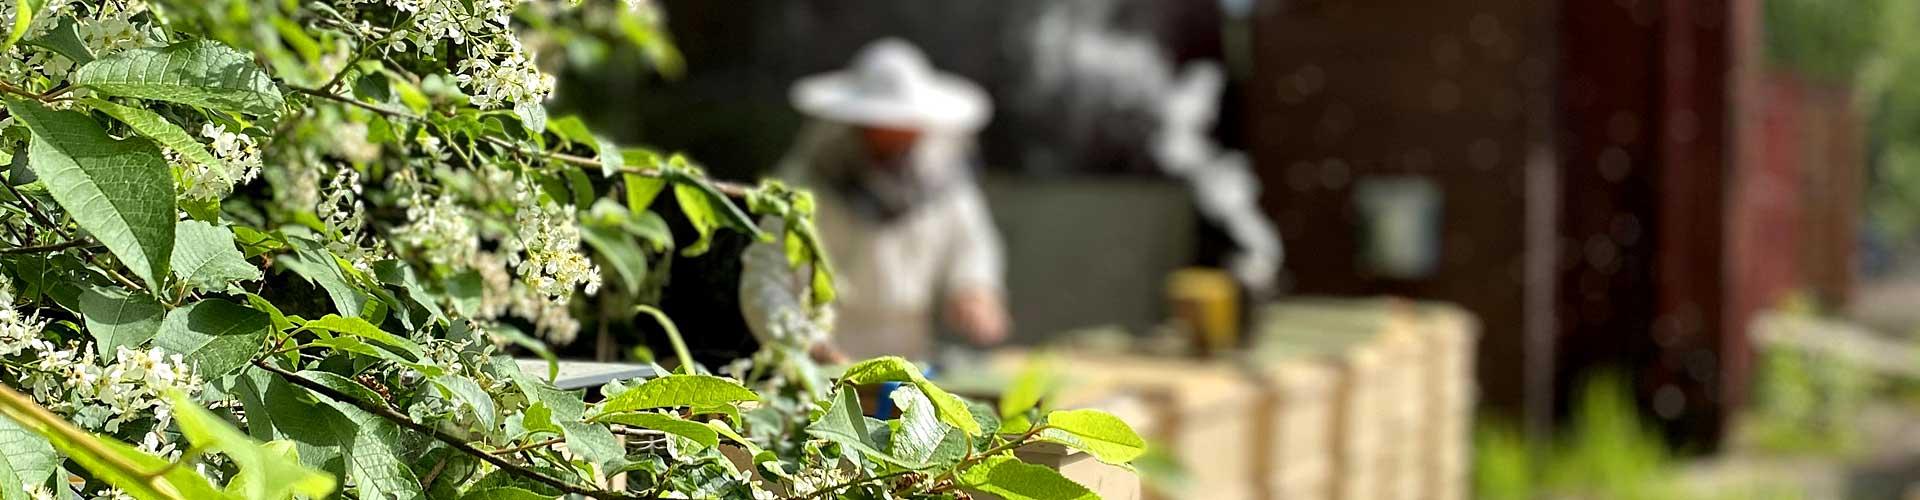 Im Sommer sammelt der Imker die fertigen Waben, um sie zu schleudern.